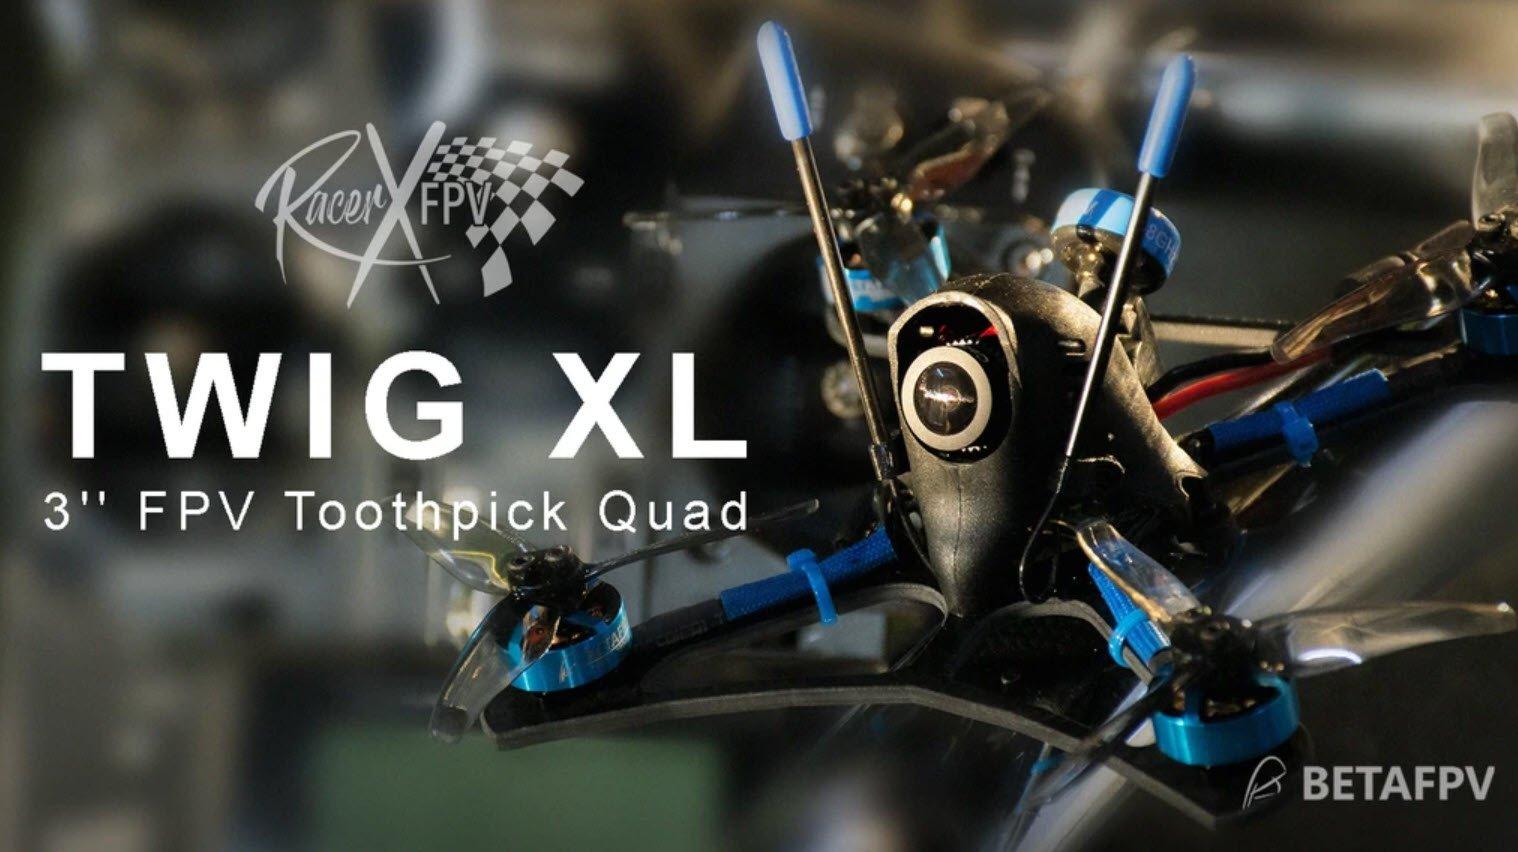 BetaFPV TWIG 3 XL FPV Quadcopter product banner mantisfpv